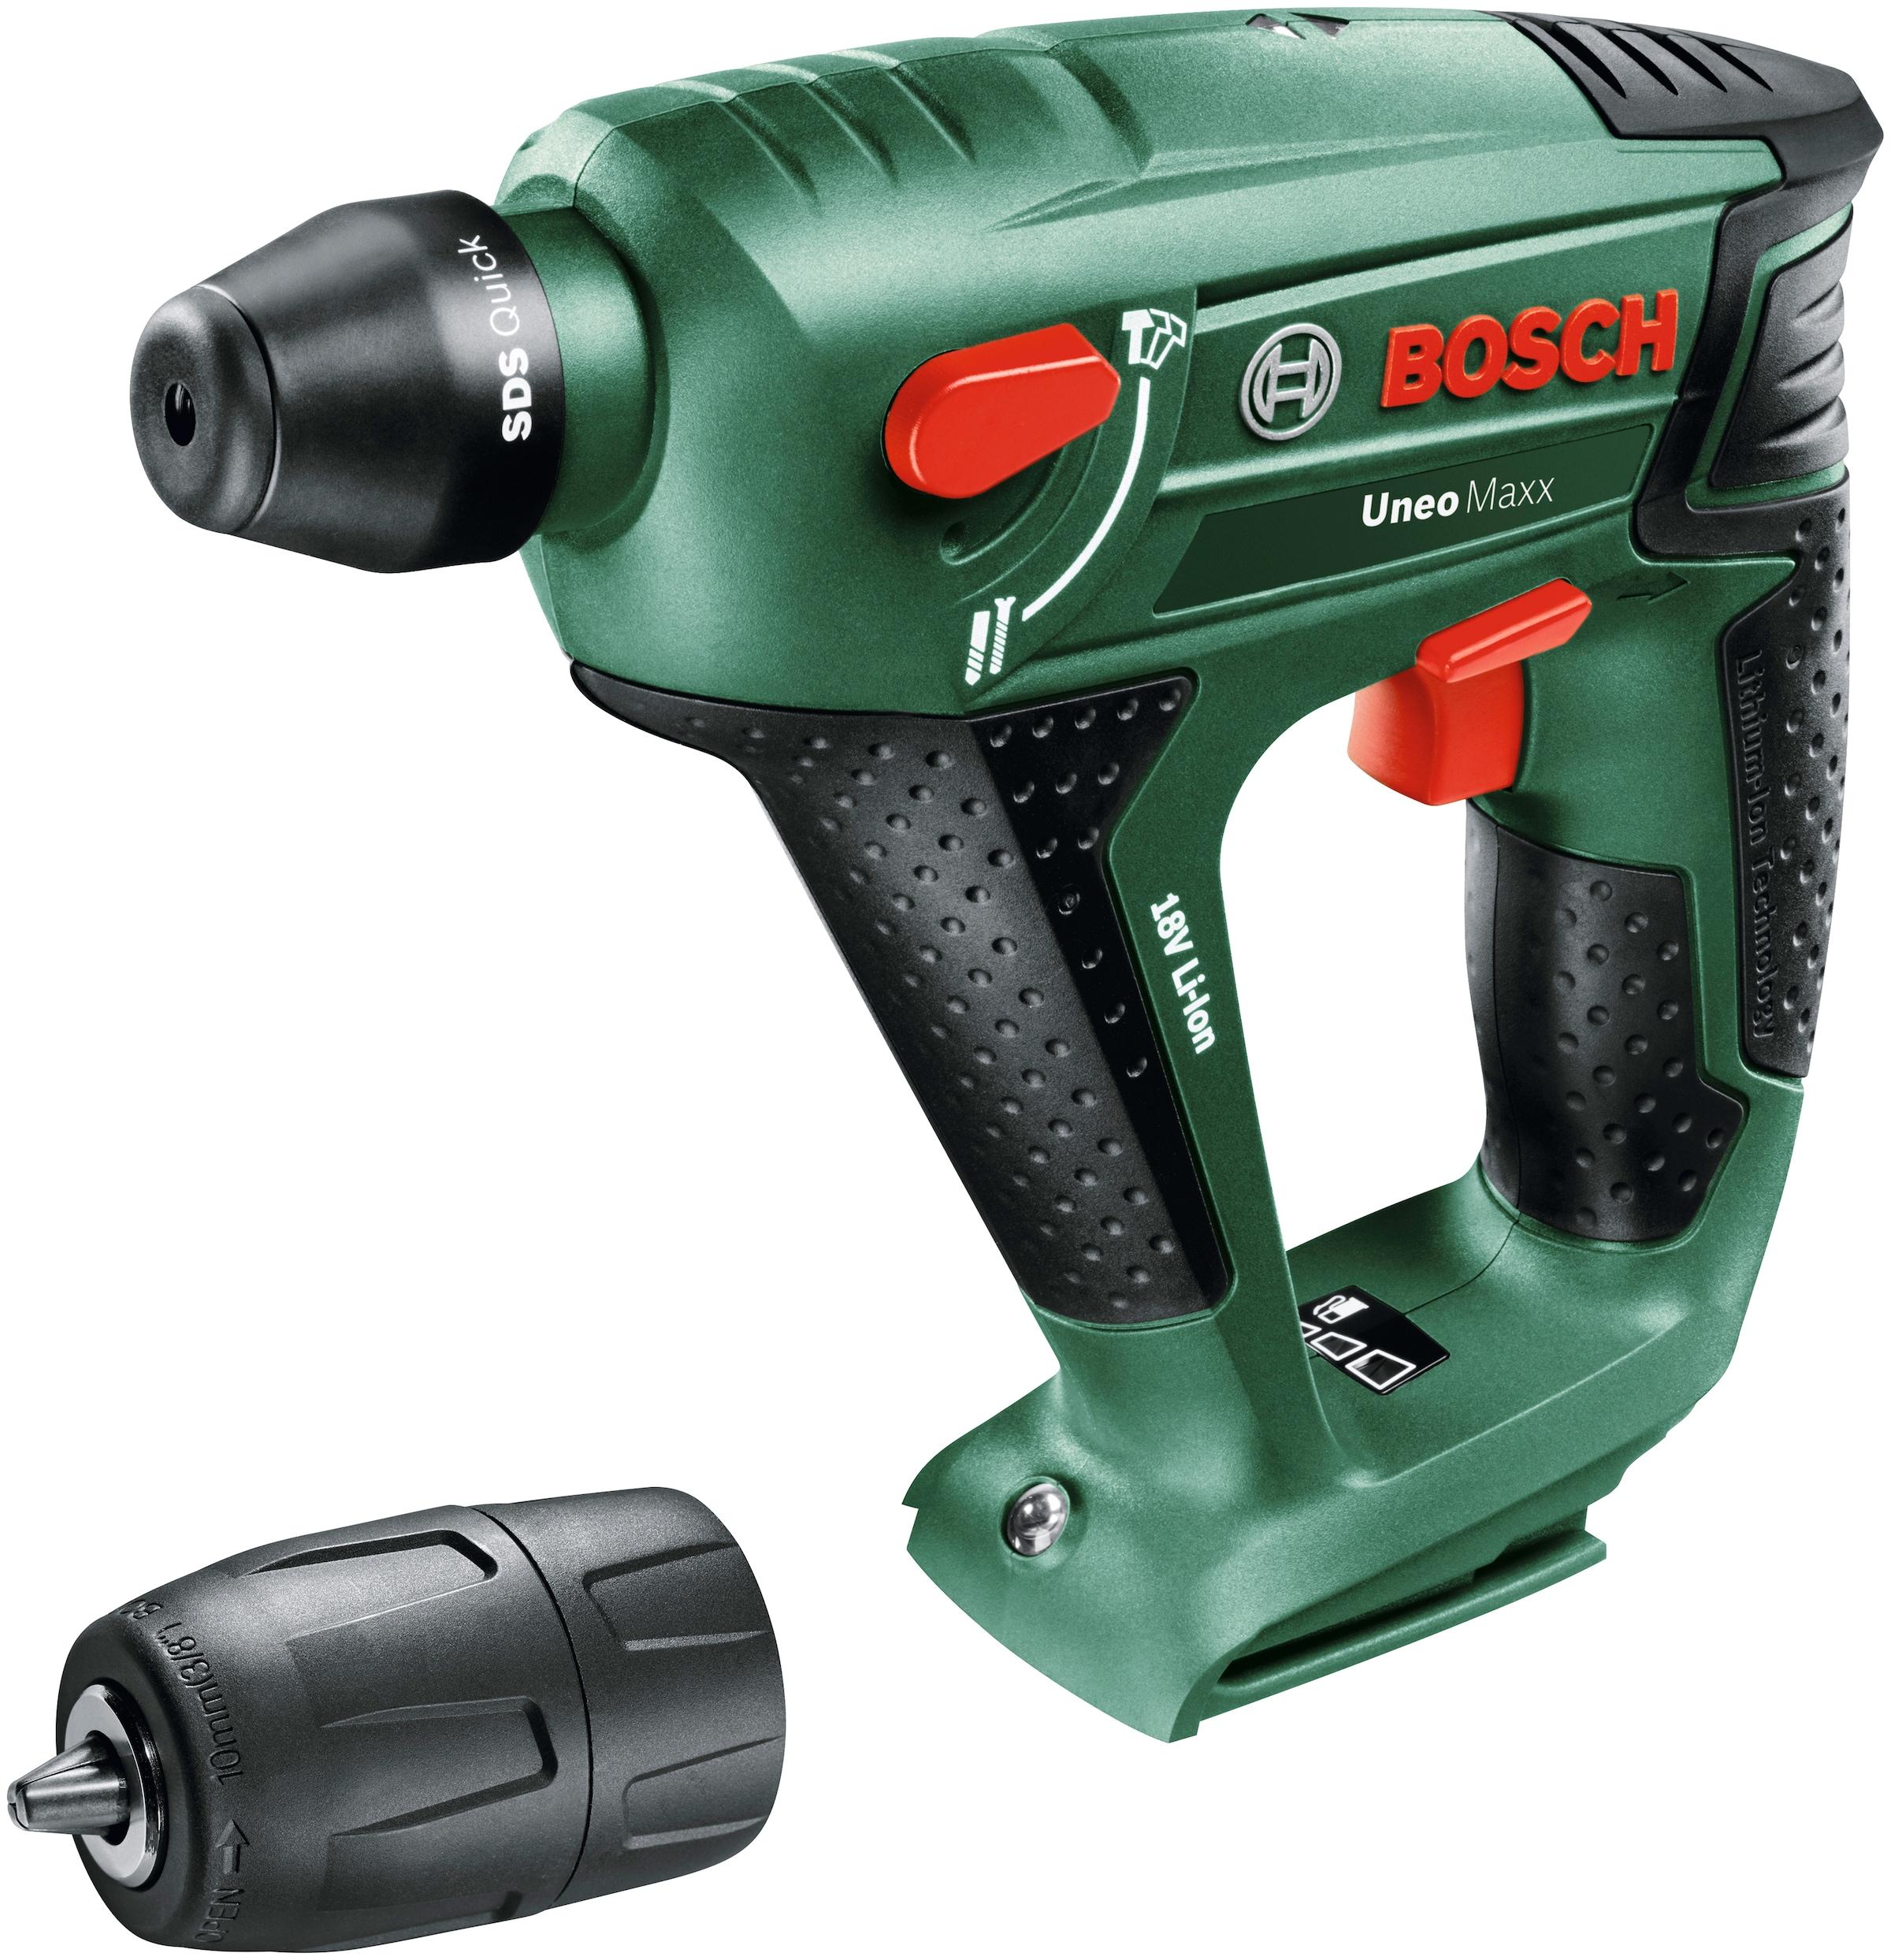 Werkzeuge online günstig kaufen über shop24.at | shop24